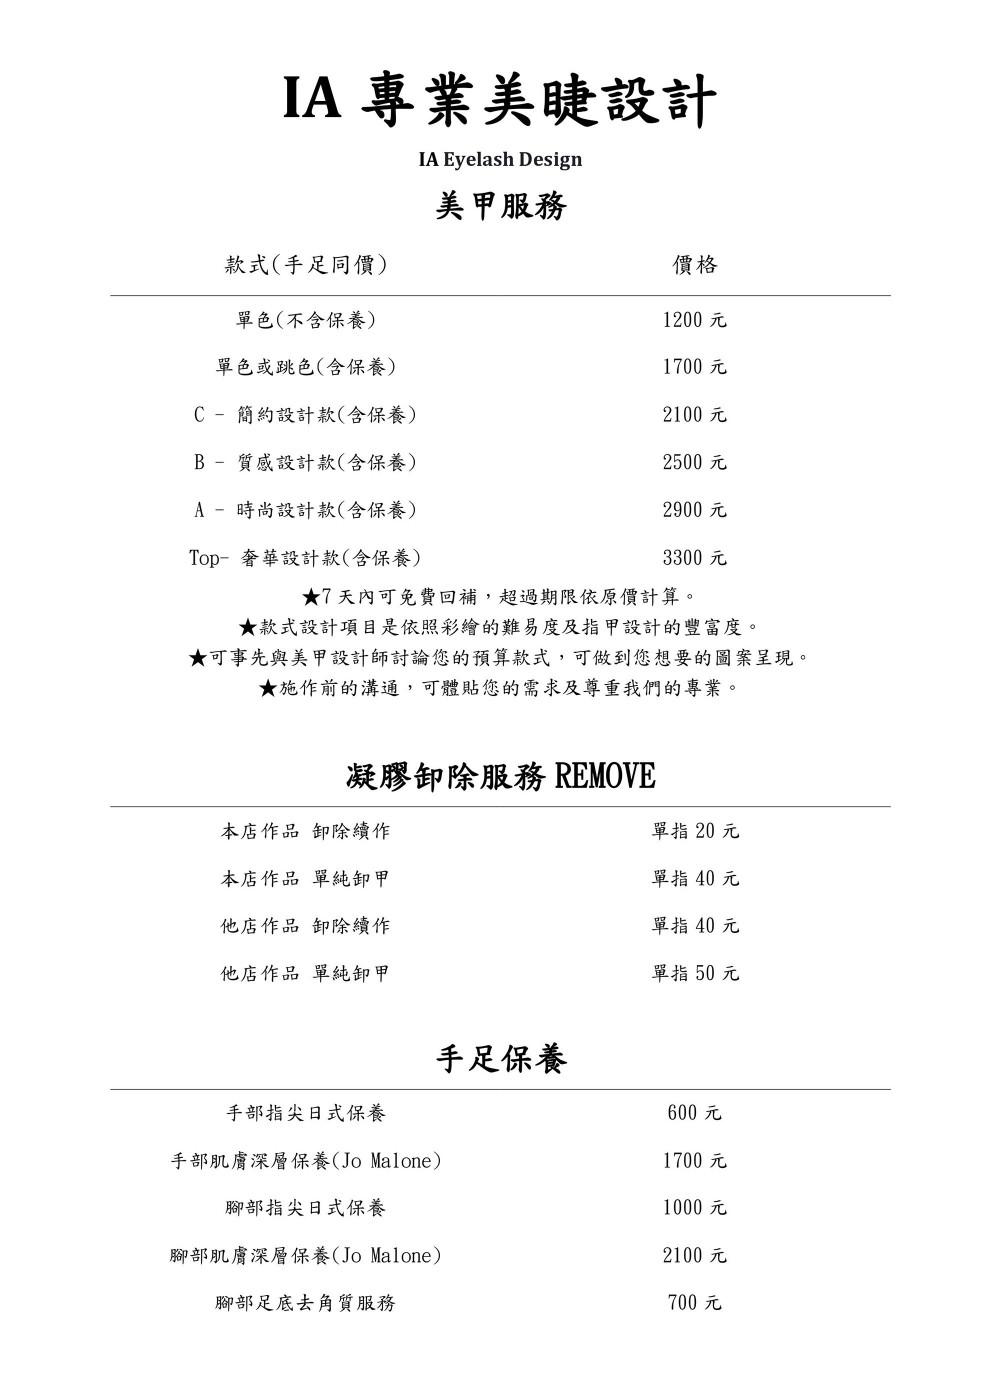 IA專業美睫設計-美甲服務價目表